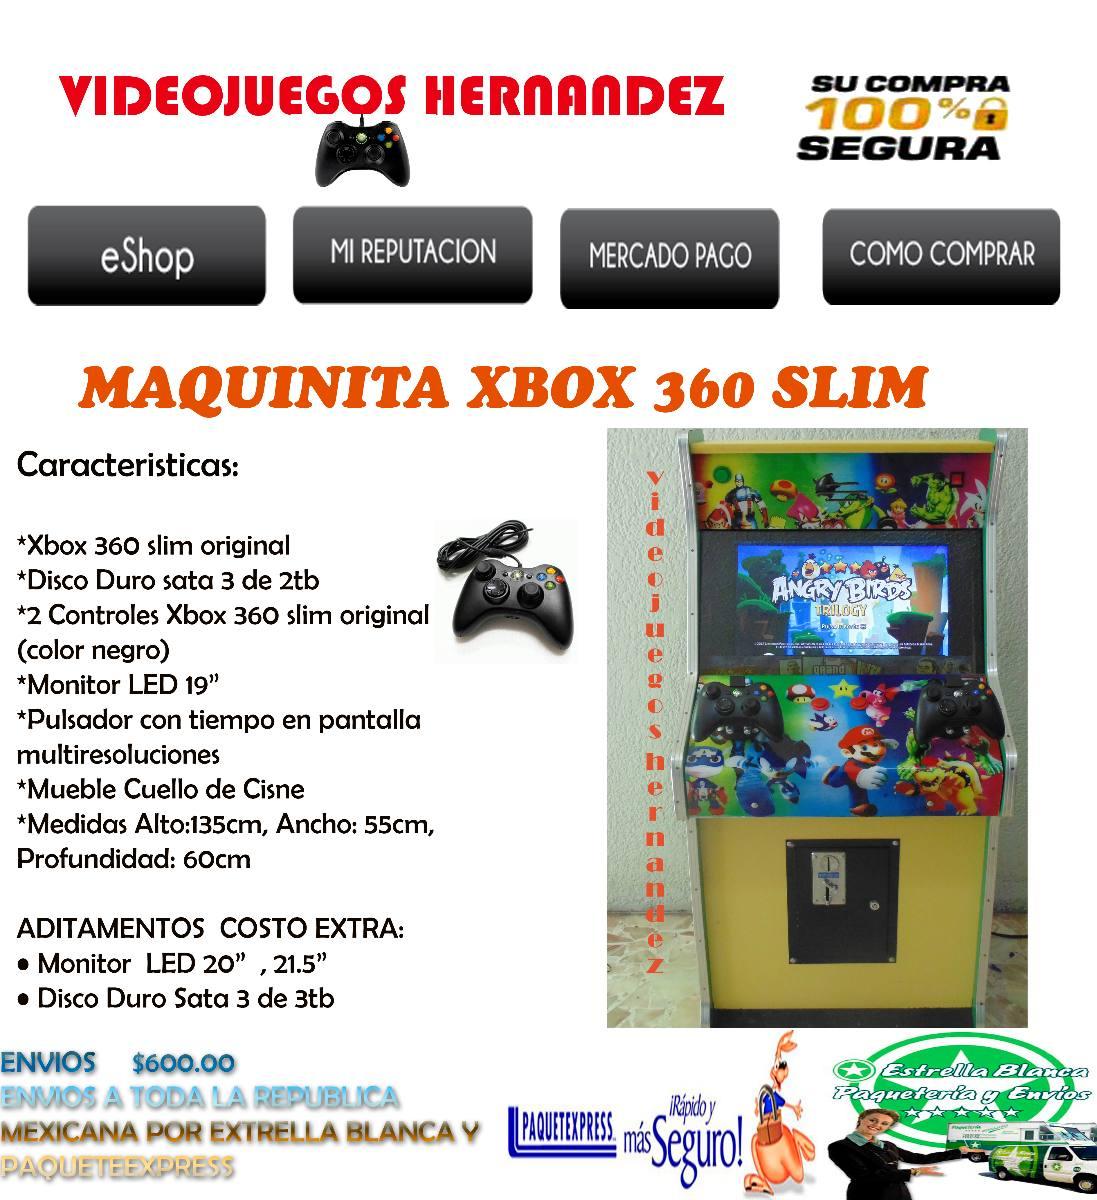 Maquinita xbox 360 slim pony nueva 10 en for Mueble para xbox 360